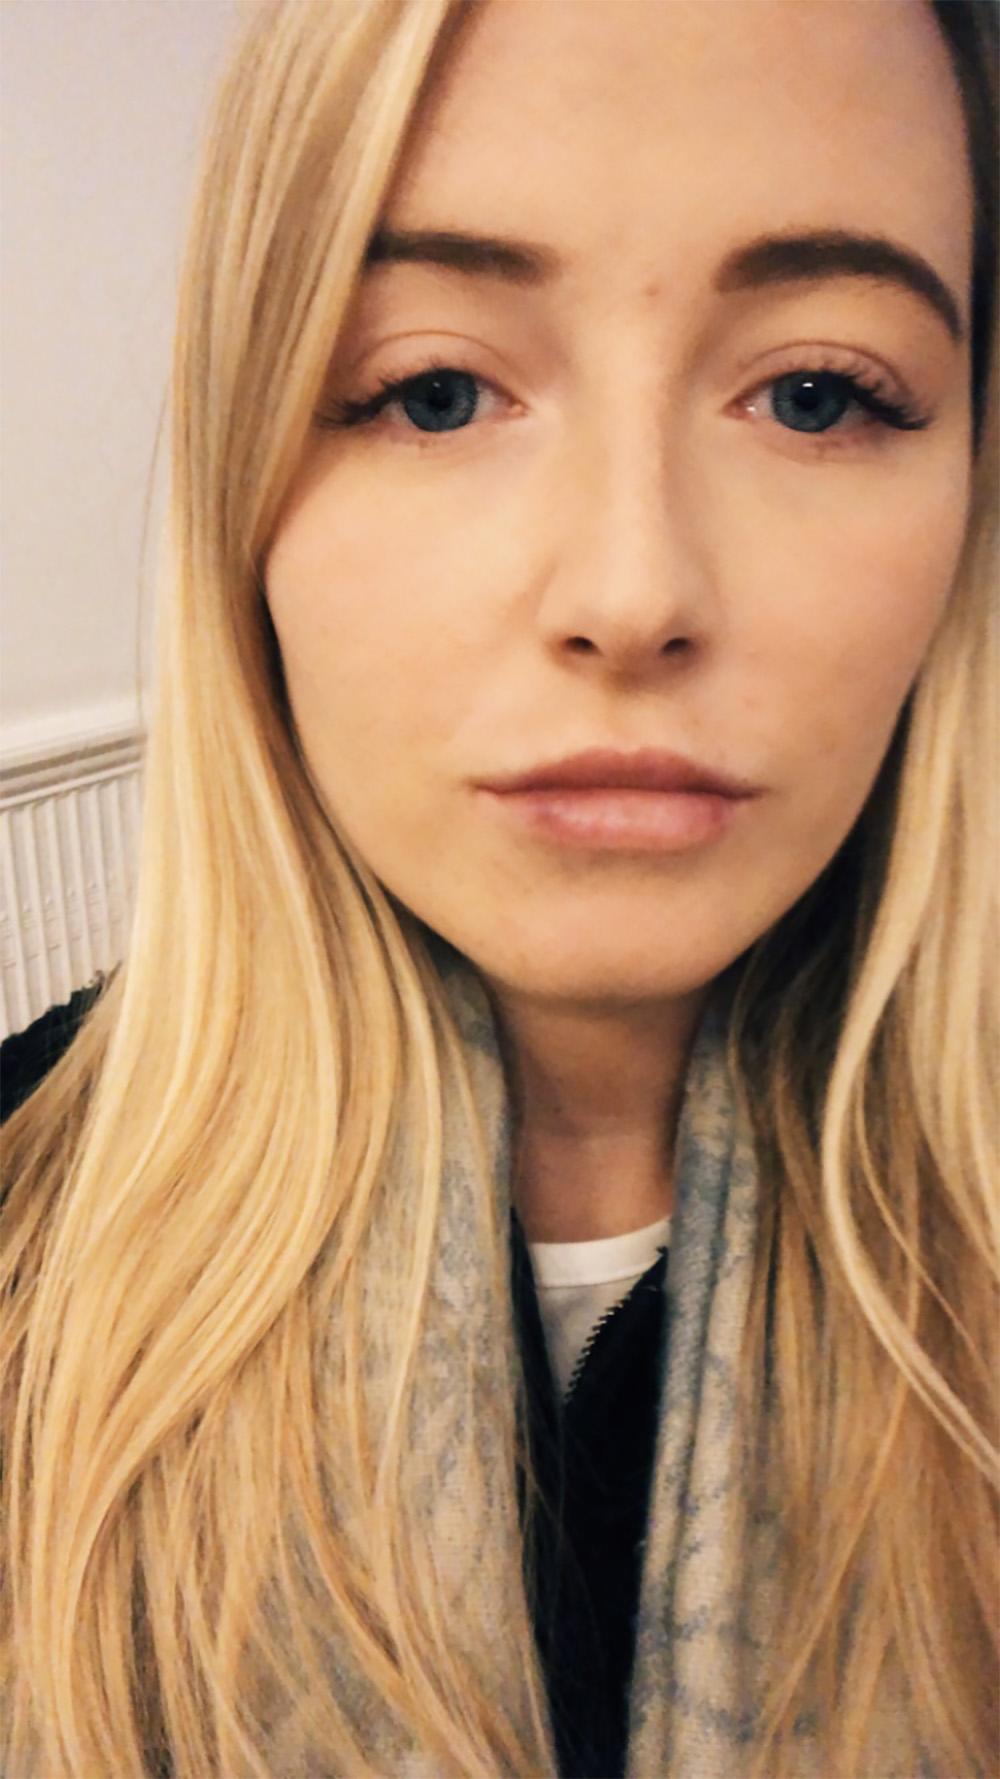 olivia lips bruised